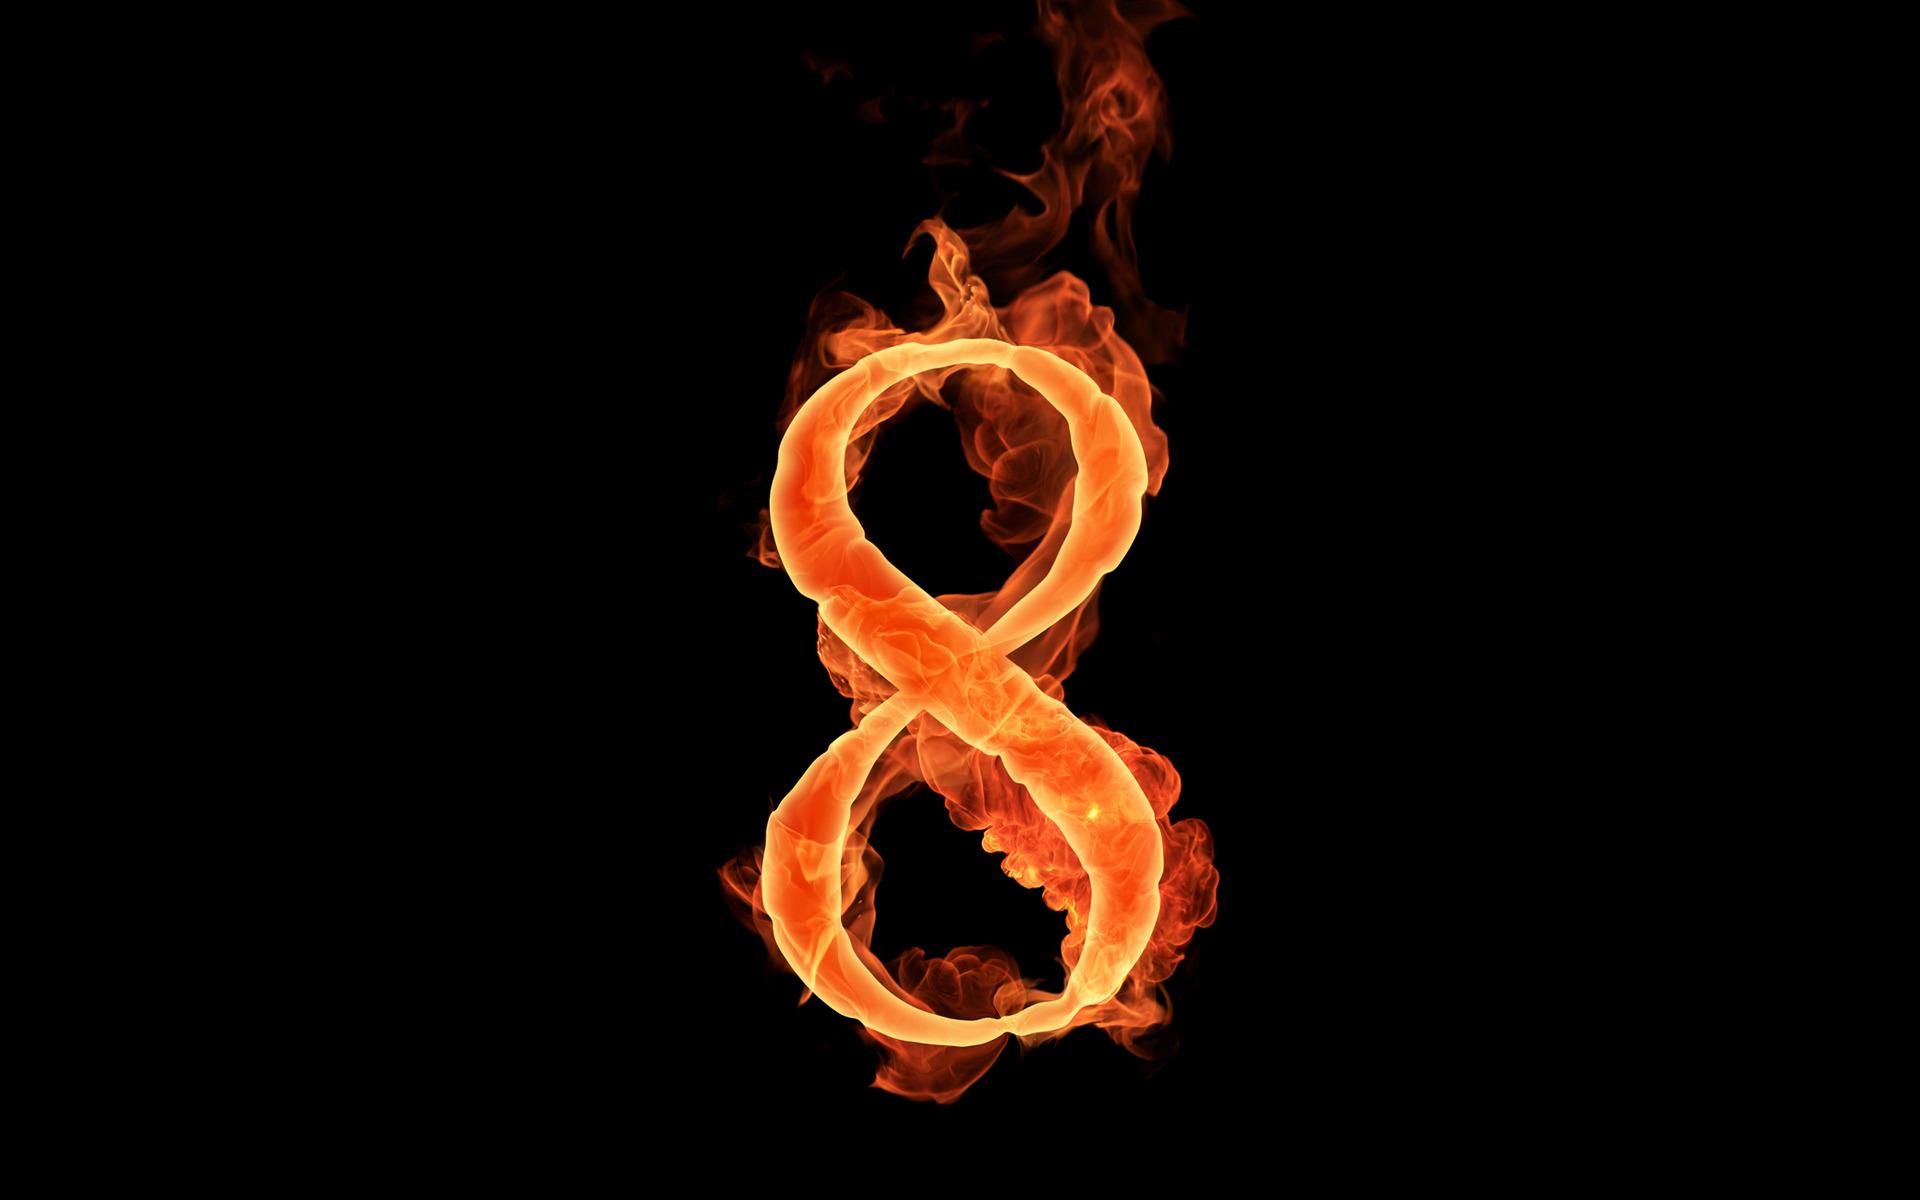 fiery numbers wallpaper hd 51111